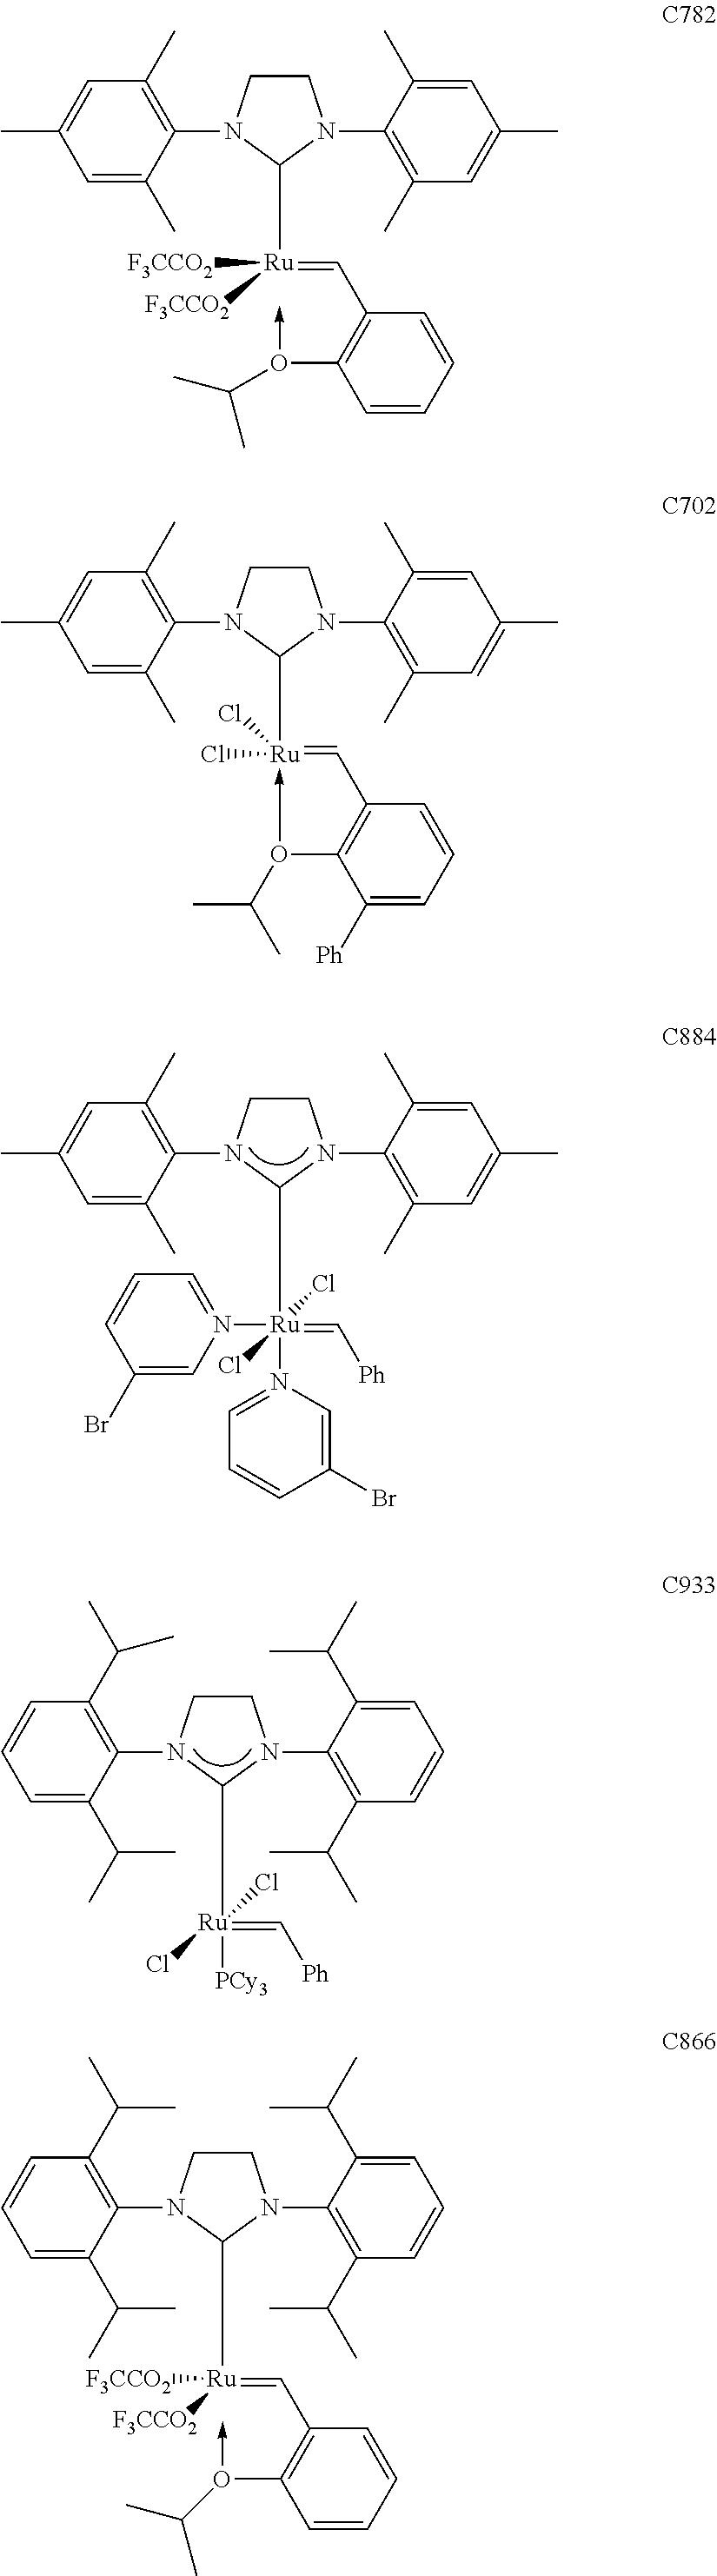 Figure US09012385-20150421-C00035